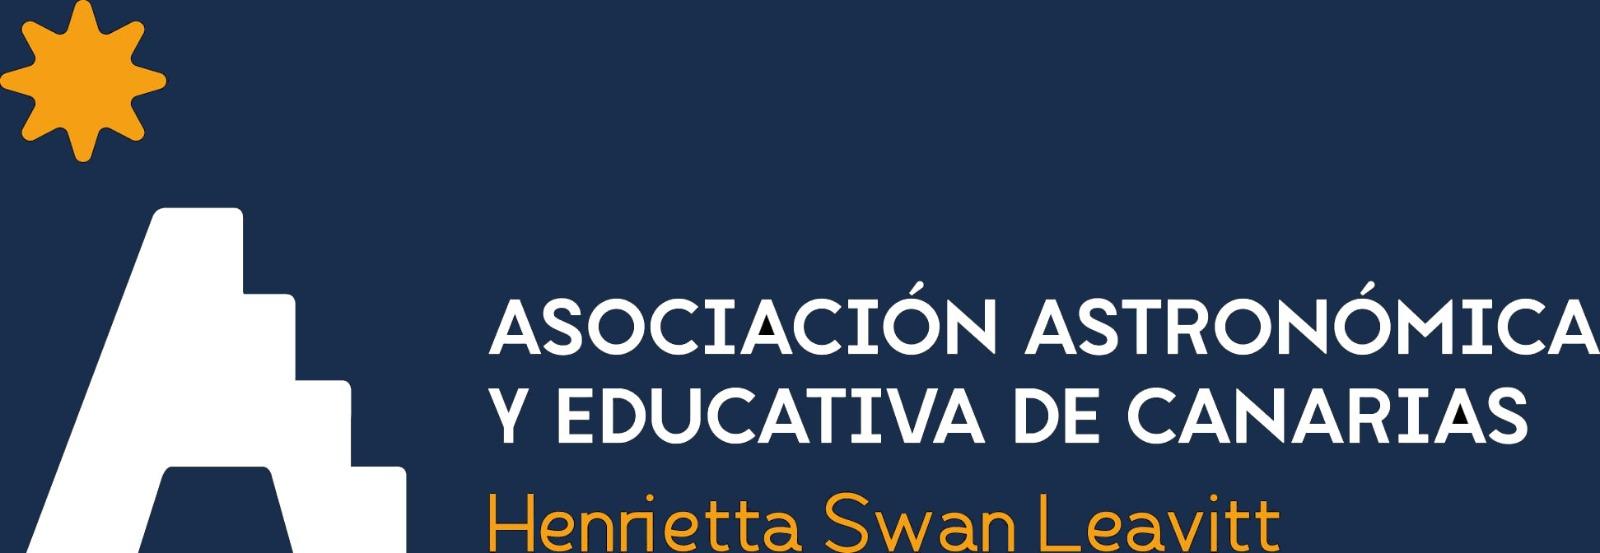 """Asociación Astronómica y Educativa de Canarias """"Henrietta Swan Leavitt"""""""